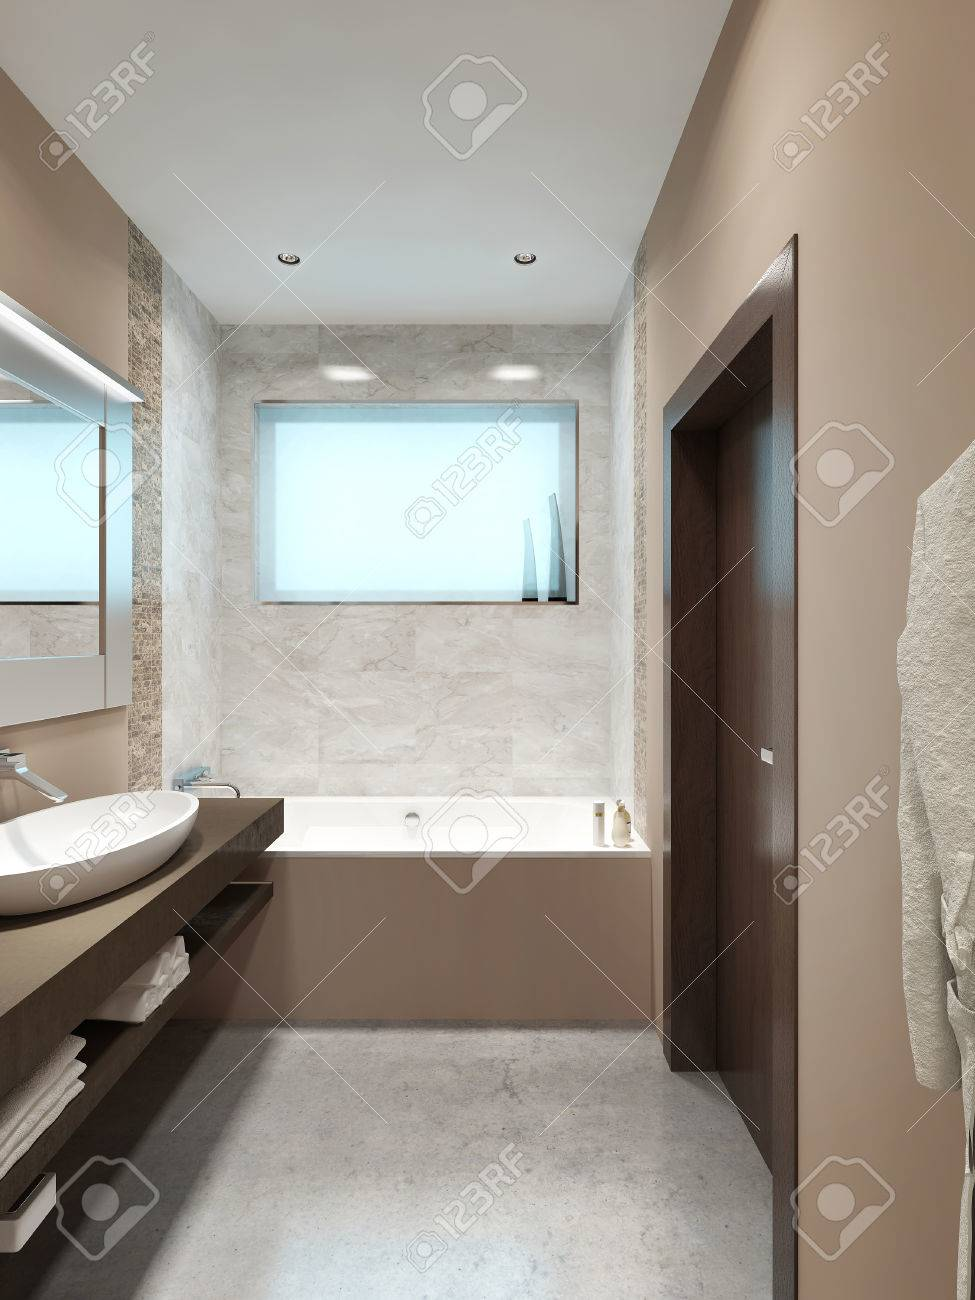 bagni di design moderni con una piccola finestra con i colori ... - Bagni Moderni Marroni